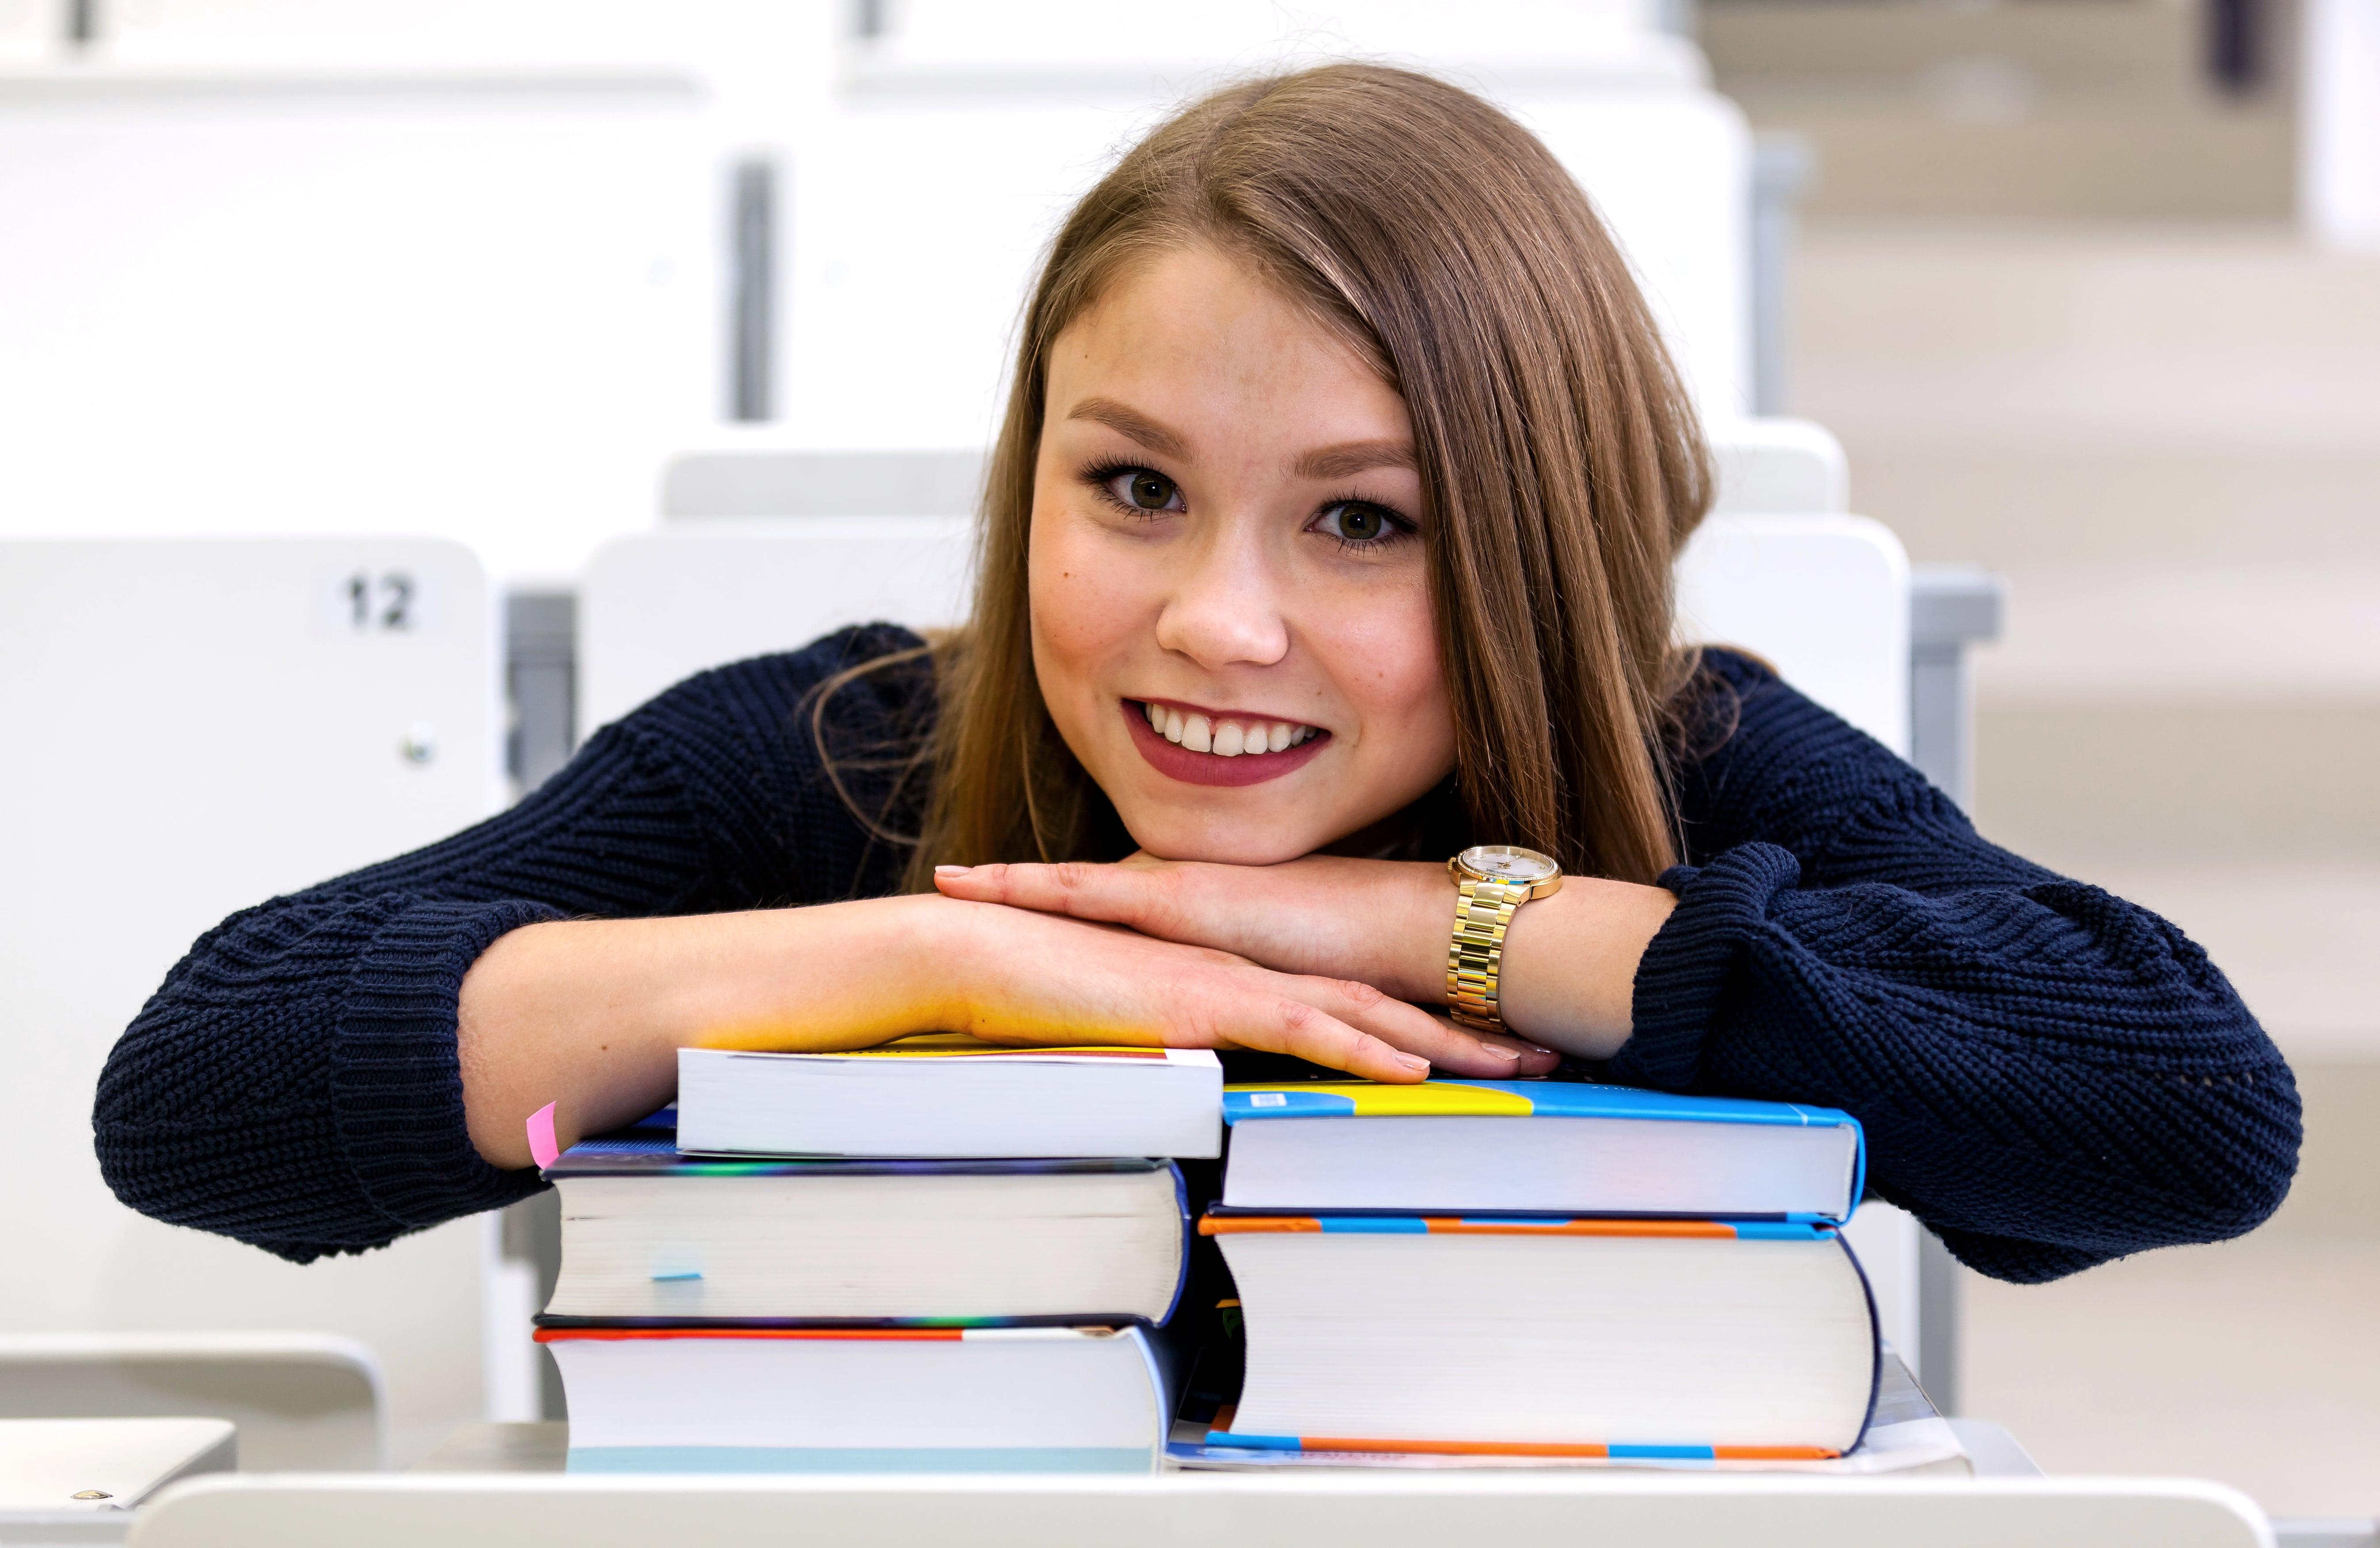 Hole dir alle wichtigen Bücher zum Lernen